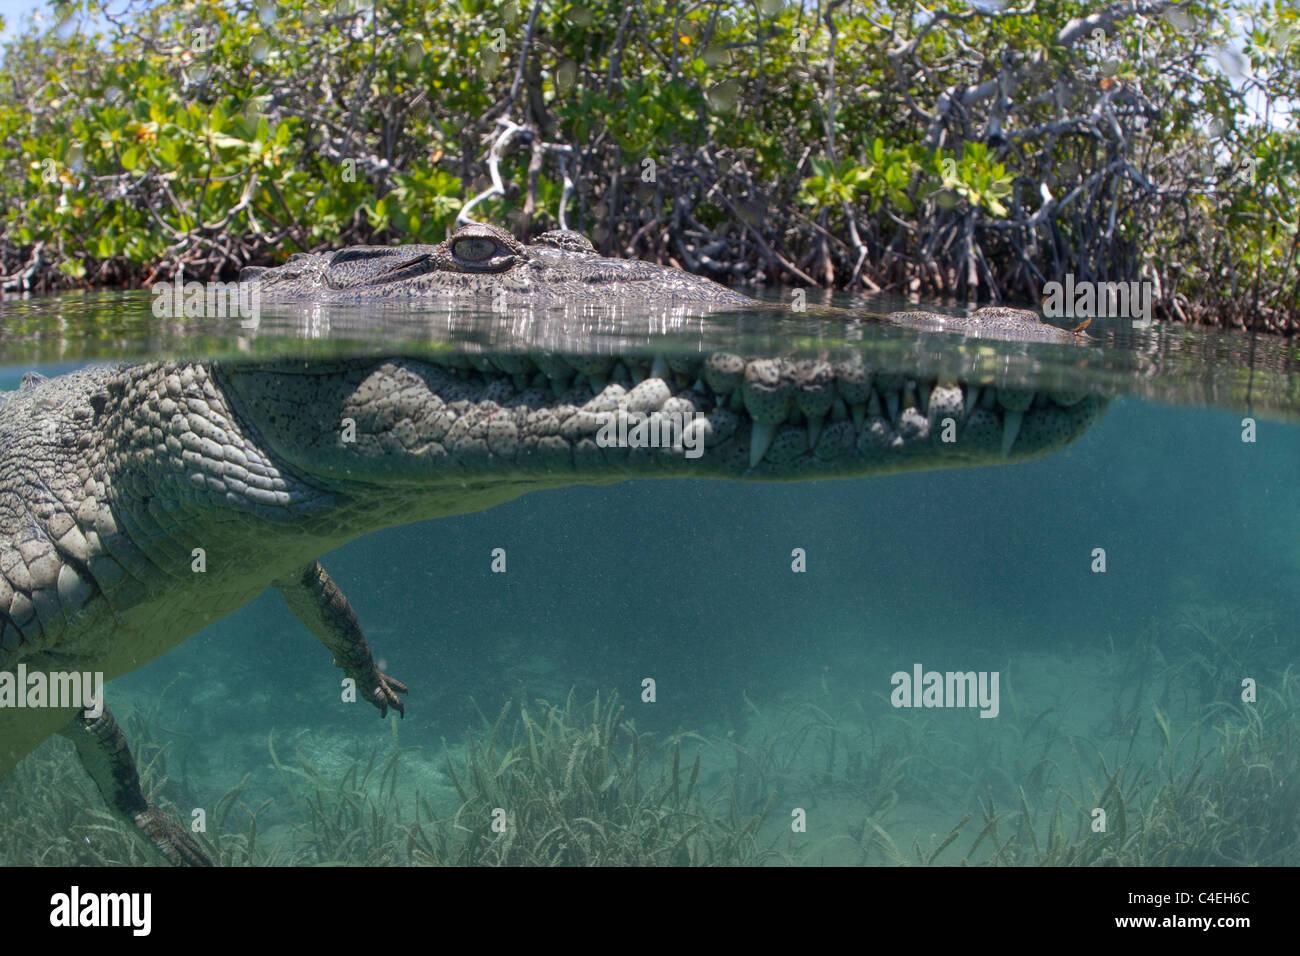 Ein Split-Wasser Blick auf eine kubanische Krokodil schwimmen durch einen Mangrovenwald vor der Küste von Kuba. Stockbild